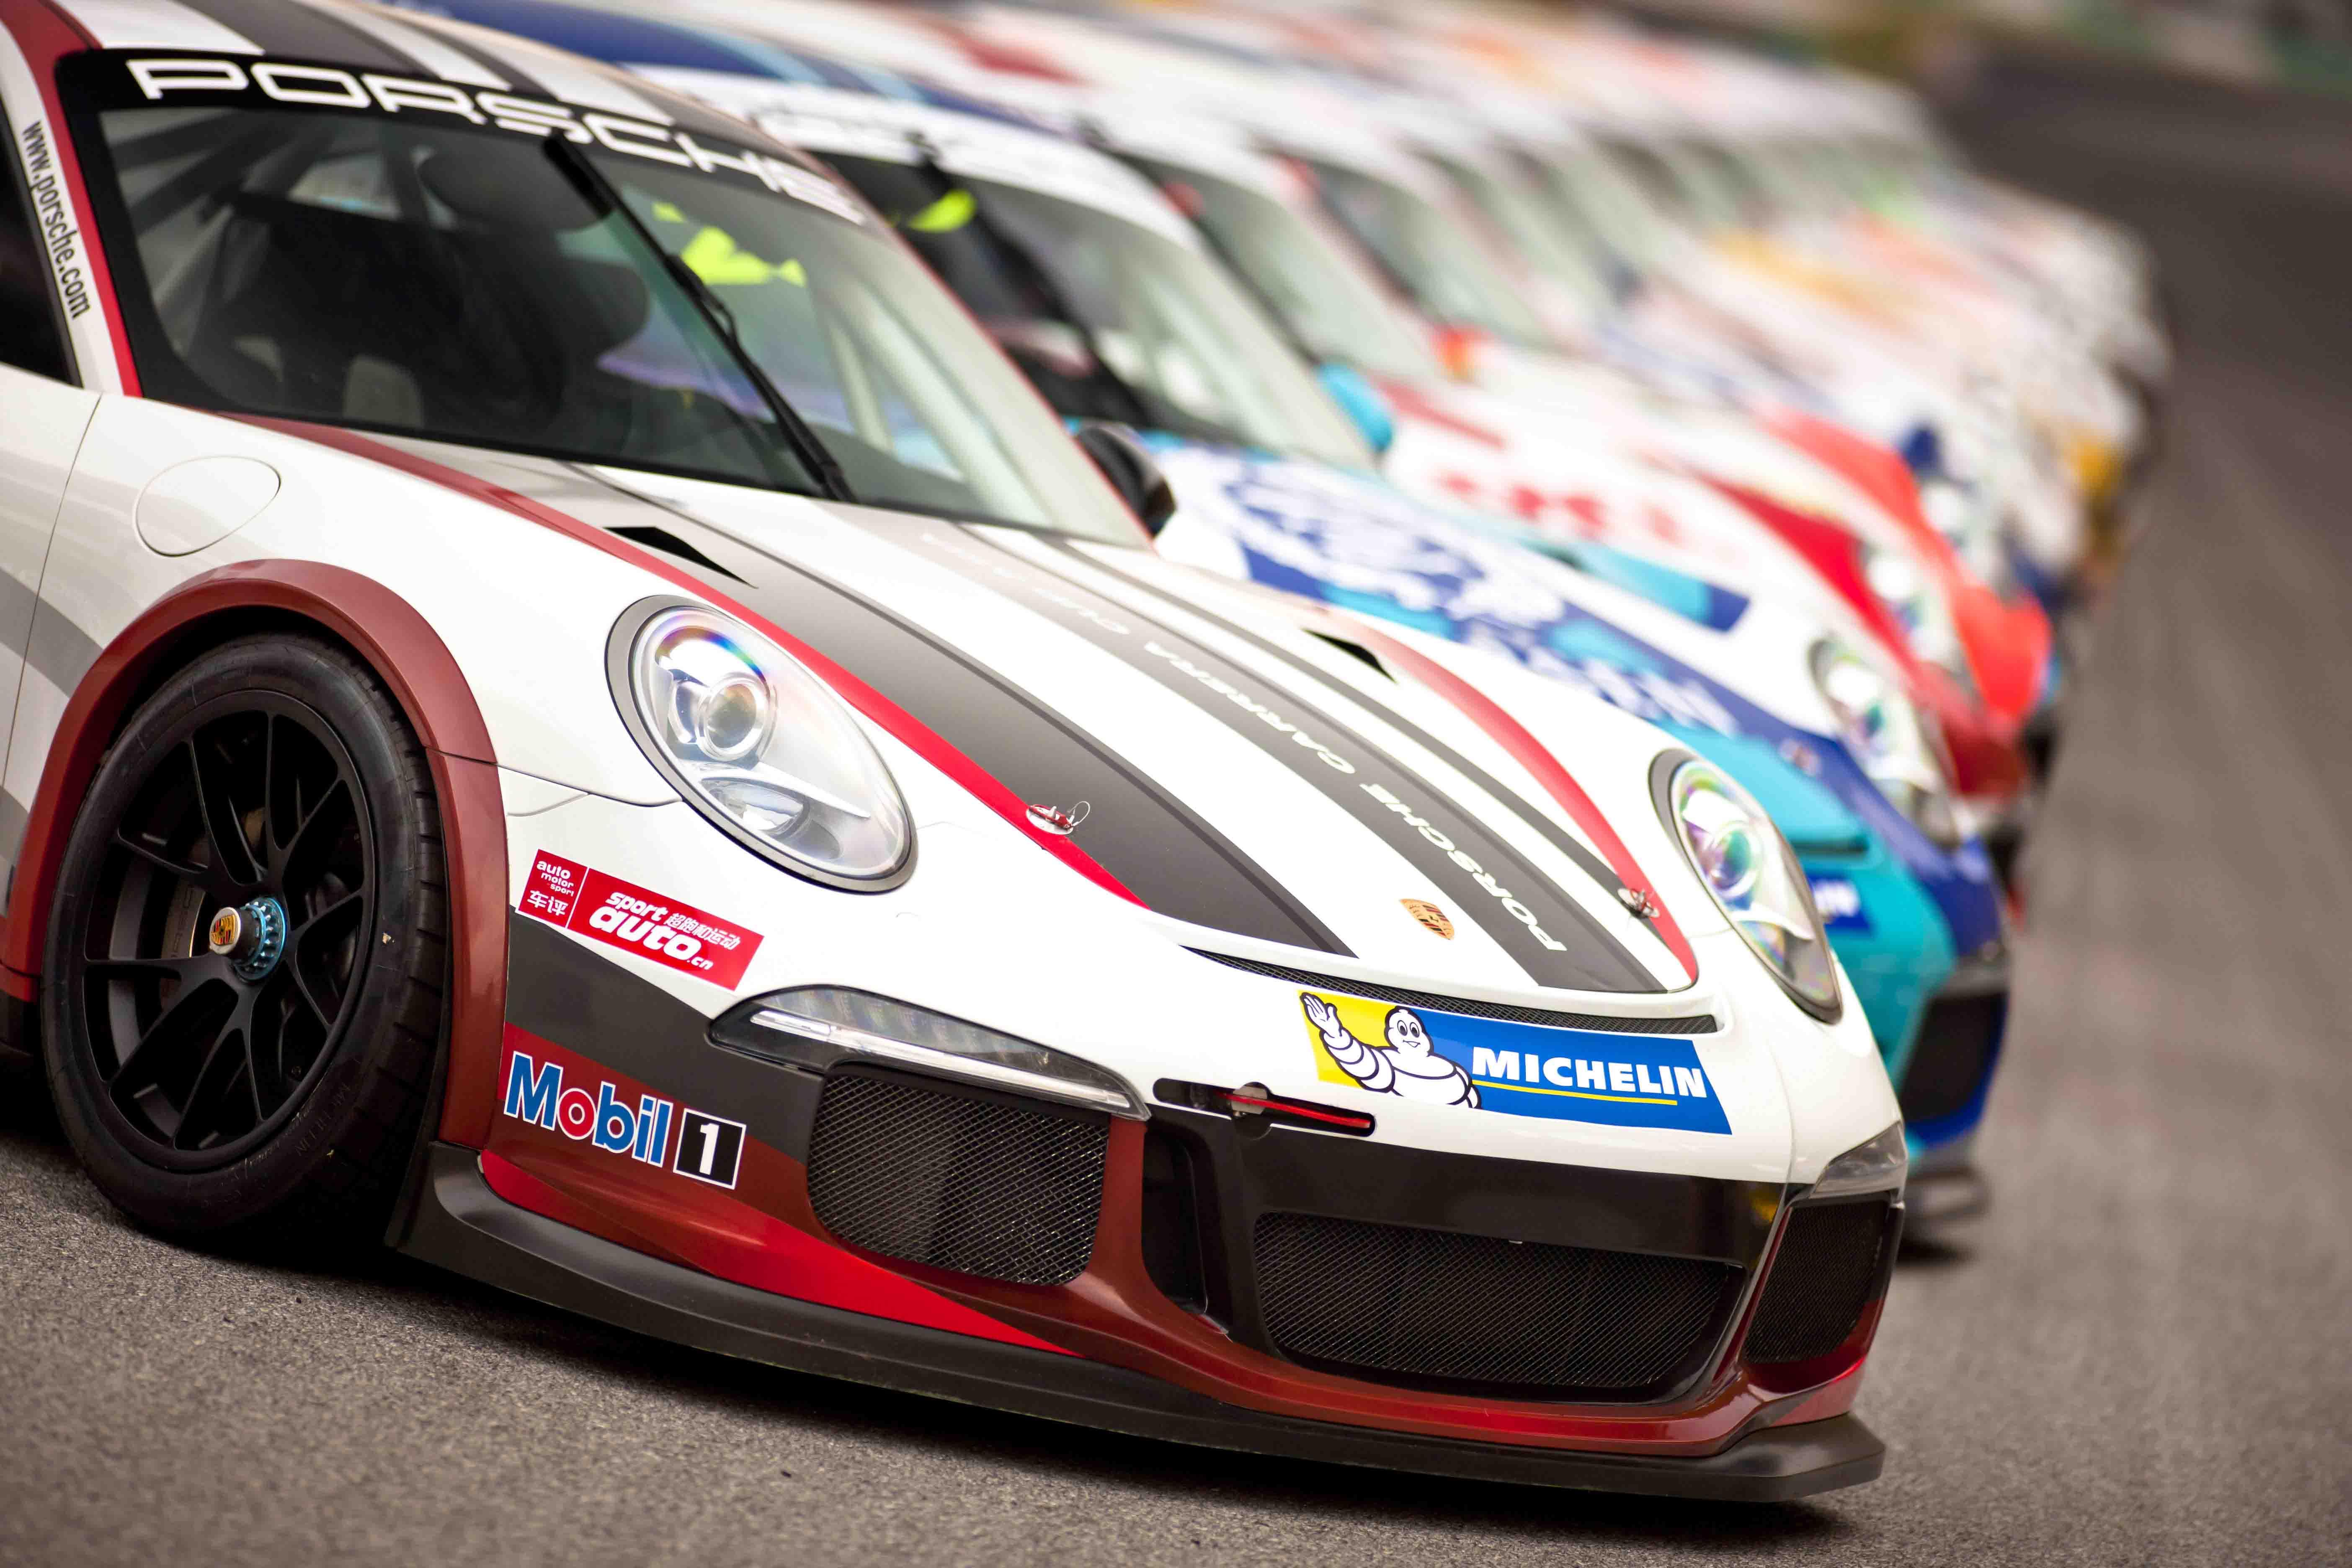 Porsche Carrera Cup Asia Preview Rounds 1 Amp 2 Federation Internationale De L Automobile